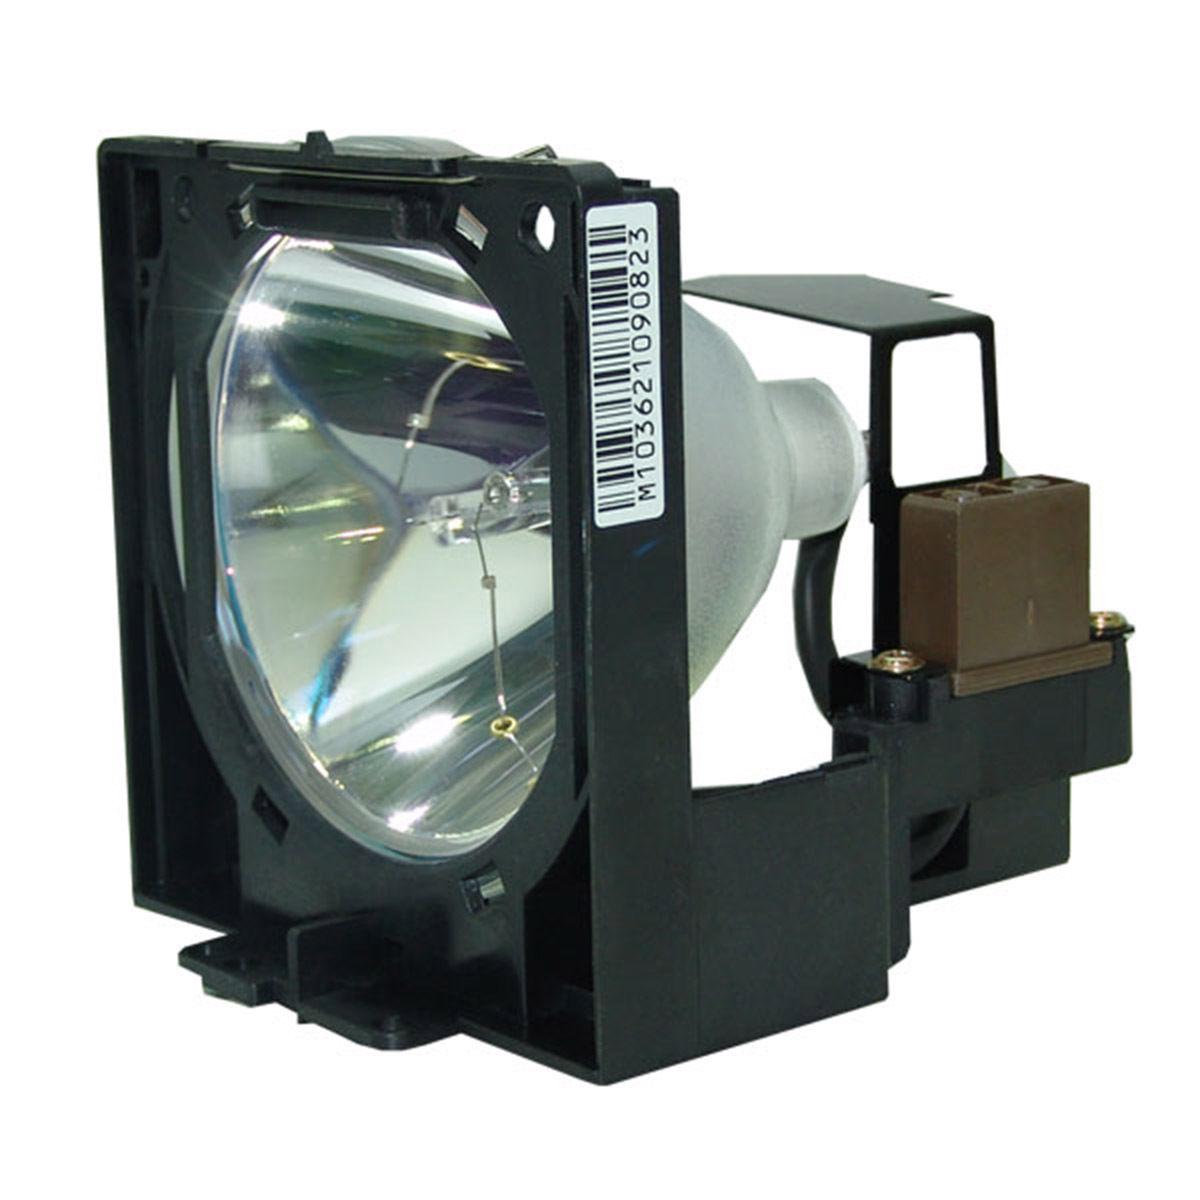 Projector Lamp Bulb POA-LMP18 LMP18 610-279-5417 for SANYO PLCSP20 PLC-XP07 PLC-XP10A PLC-XP10BA PLC-XP10EA PLC-XP10NA With Case compatible projector lamp for sanyo 610 303 5826 poa lmp53 plc se15 plc sl15 plc su2000 plc su25 plc su40 plc xu36 plc xu40